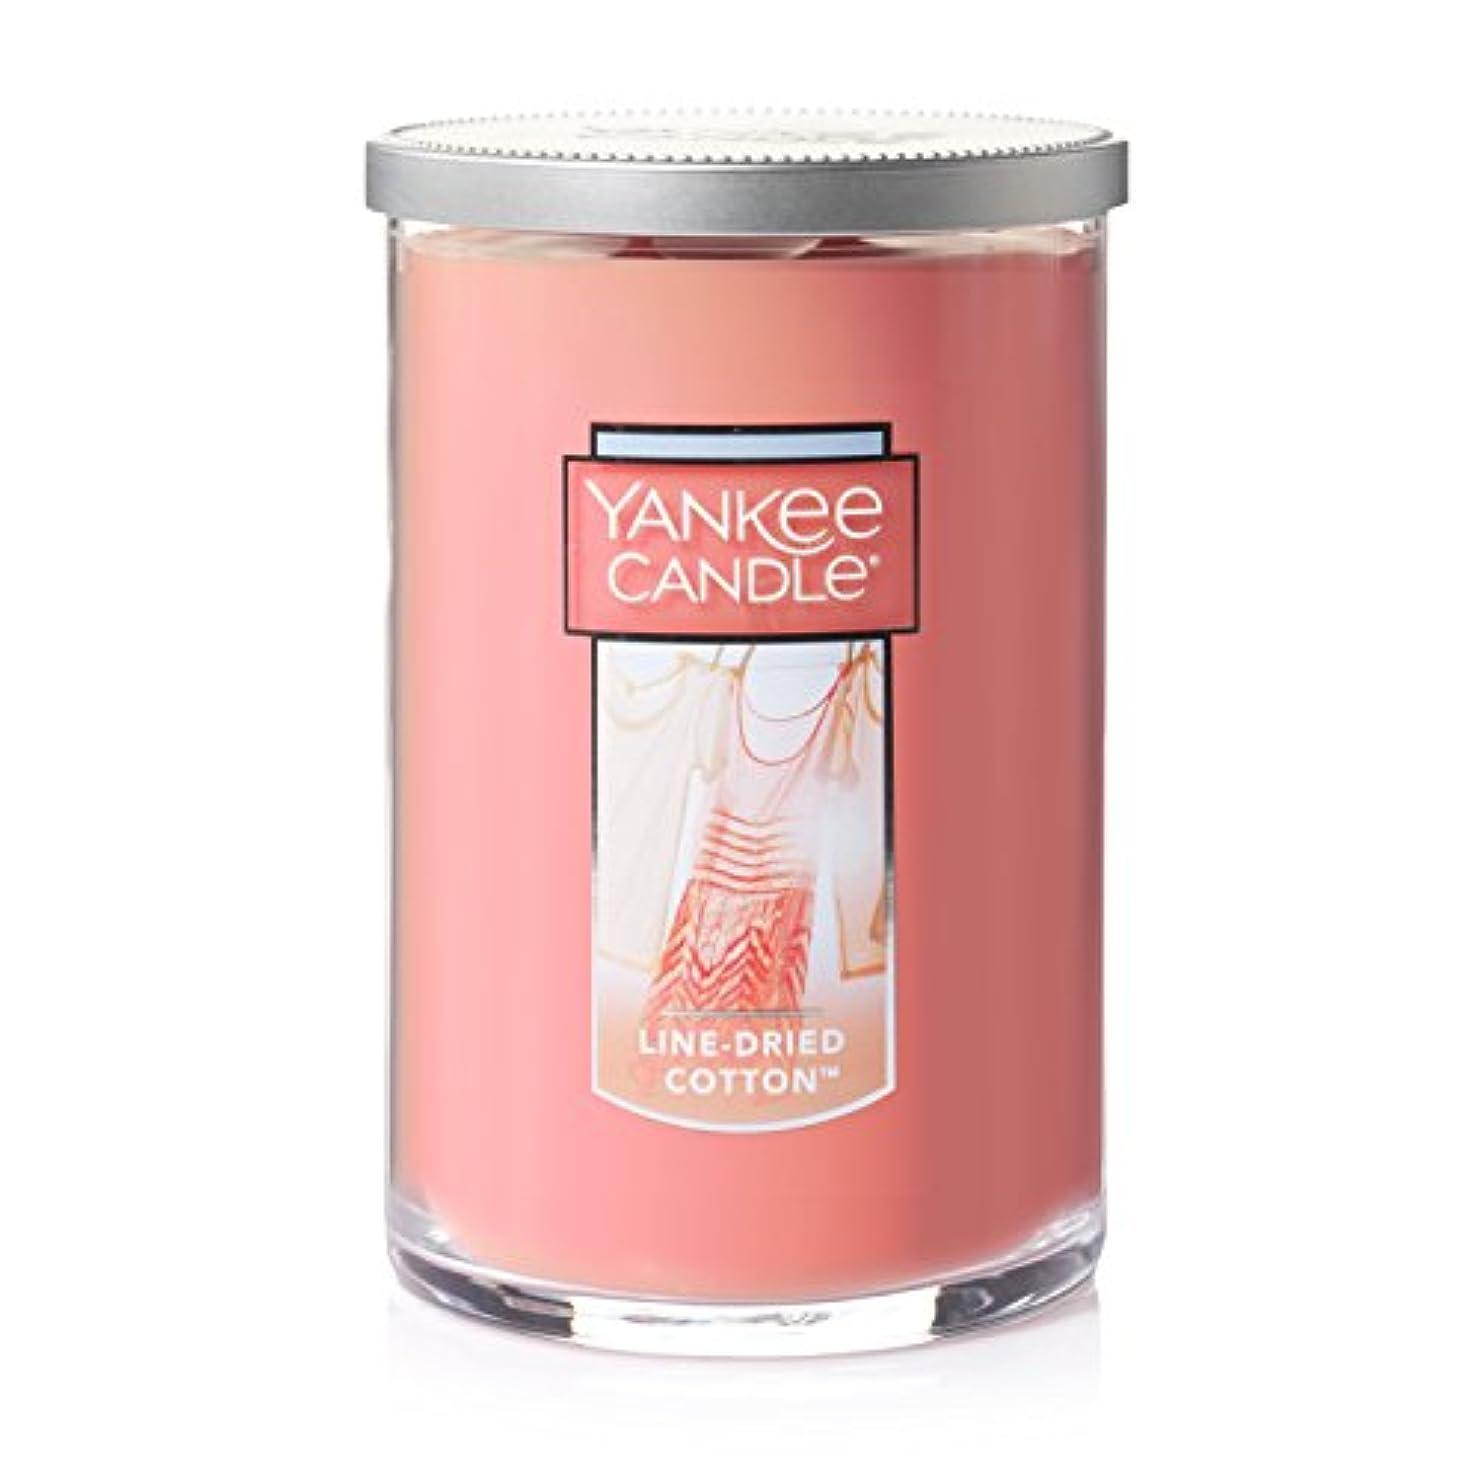 ブルゴーニュ従事するノミネートYankee Candle Jar Candle、line-driedコットン Large 2-Wick Tumbler Candle ピンク 1351643